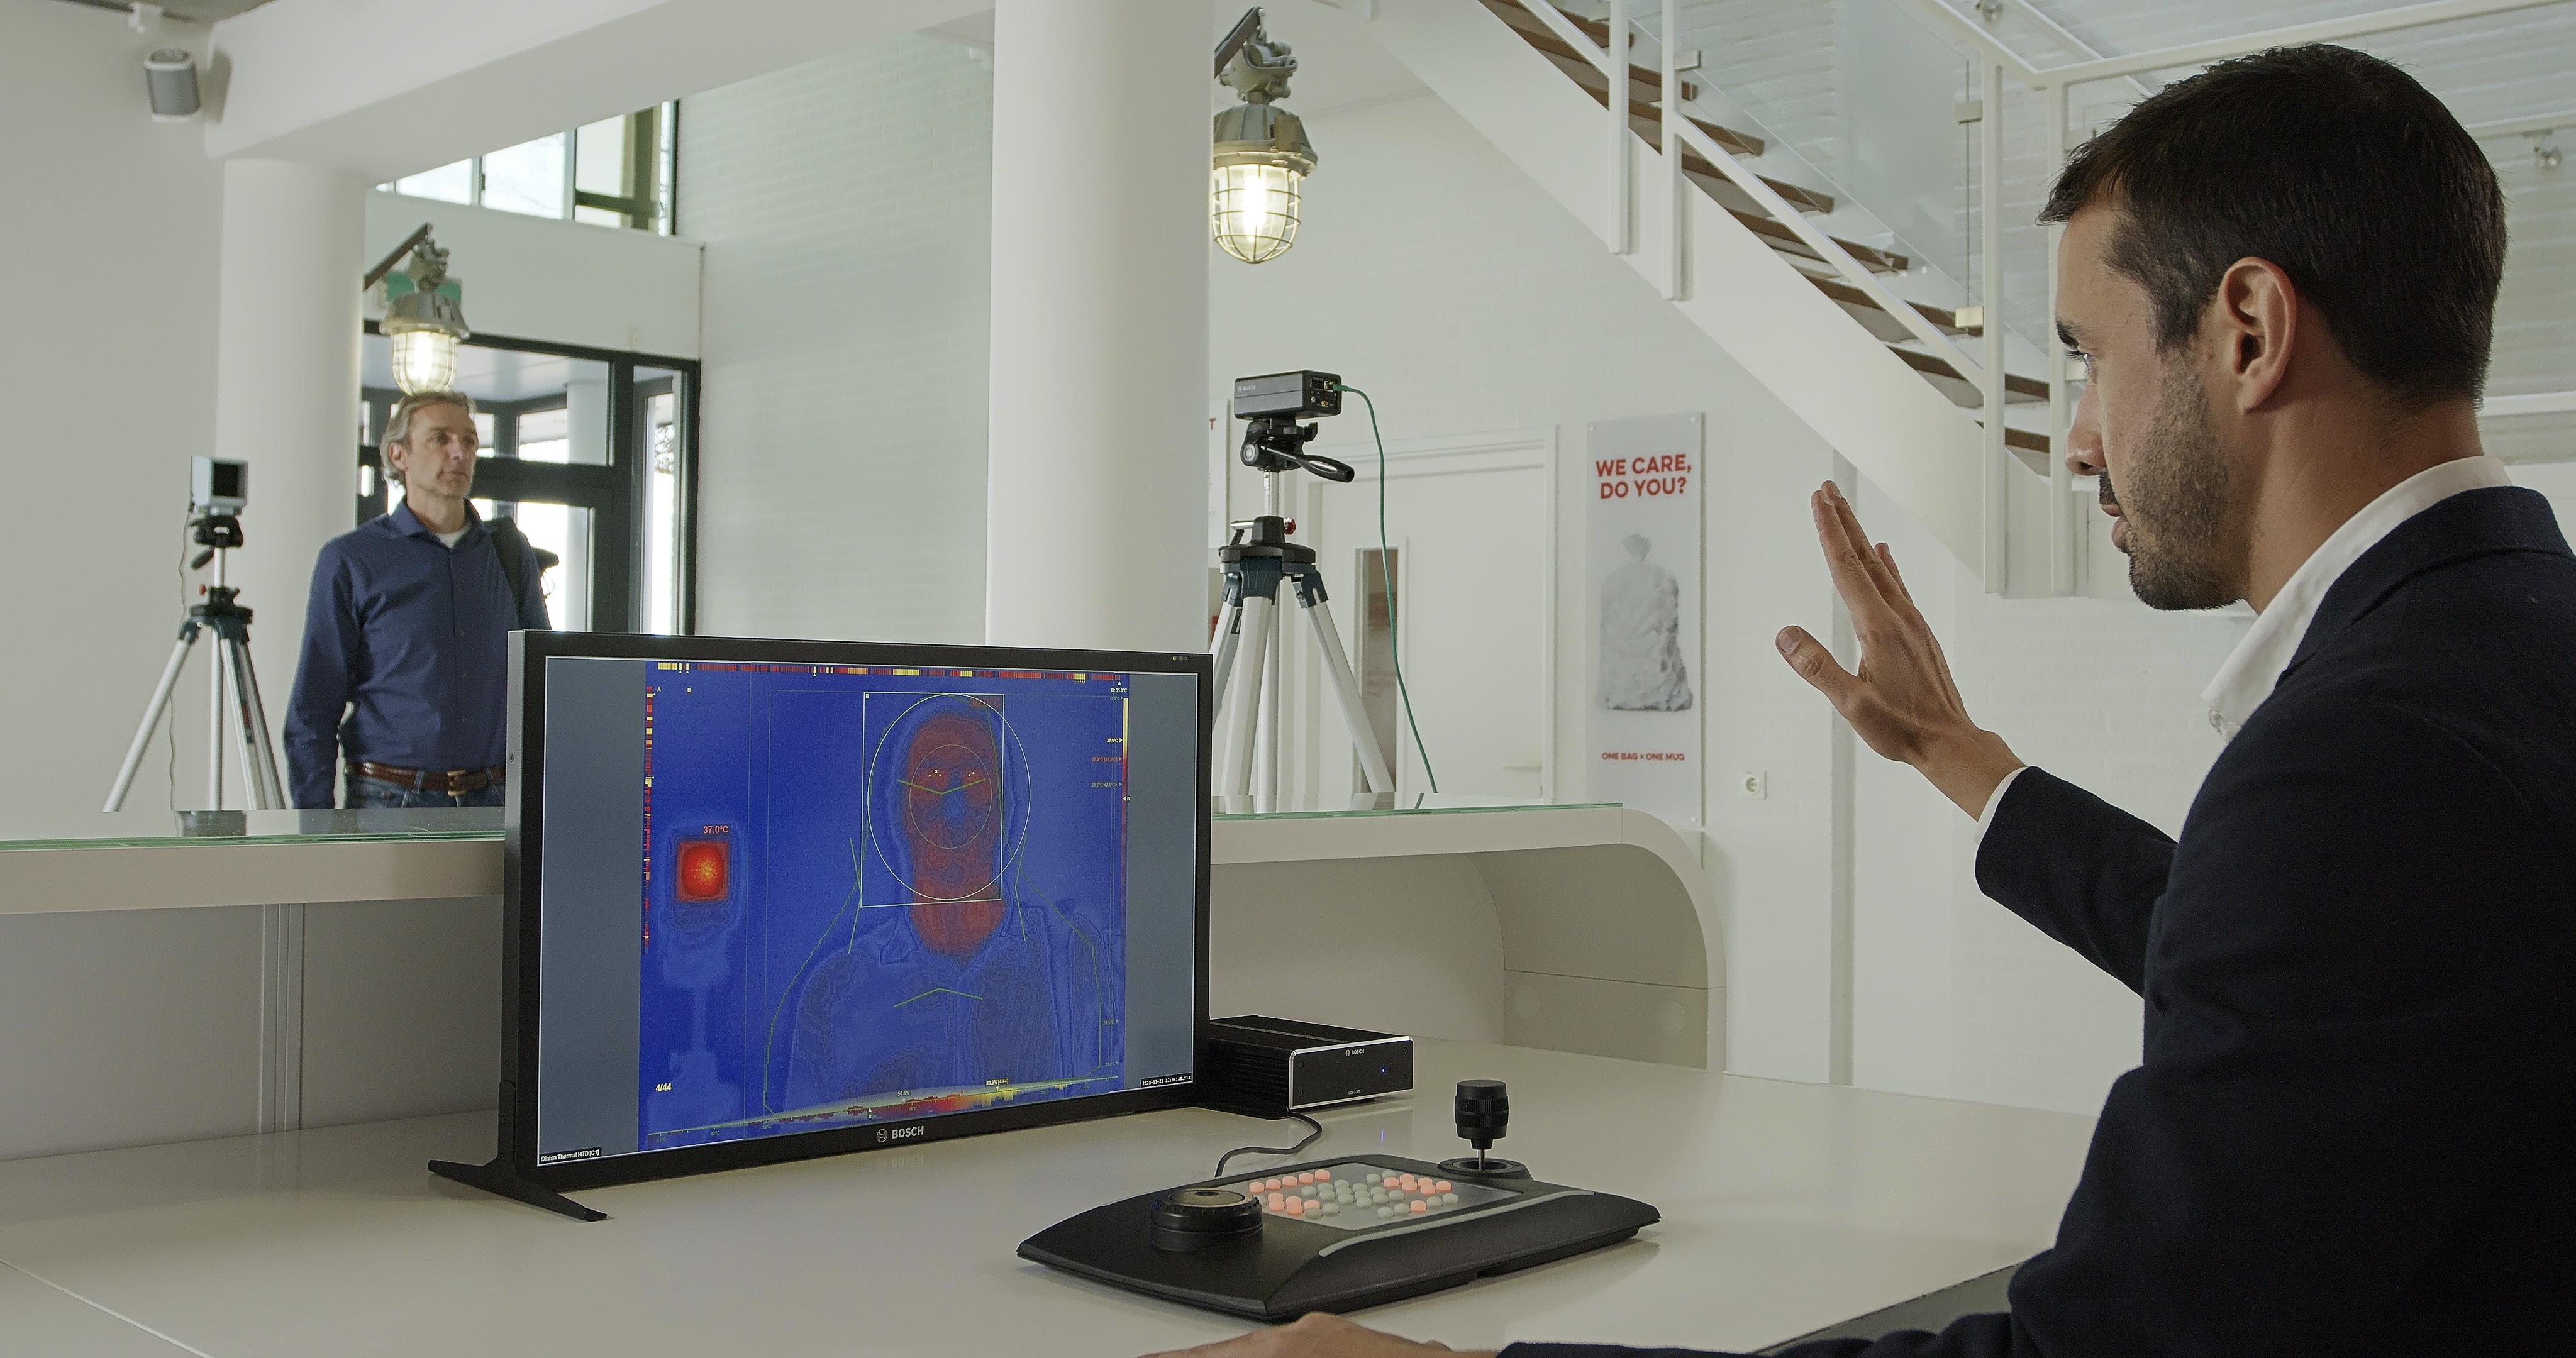 Nova tecnologia com análise de vídeo inteligente integrada é capaz de medir a temperatura corporal sem contato